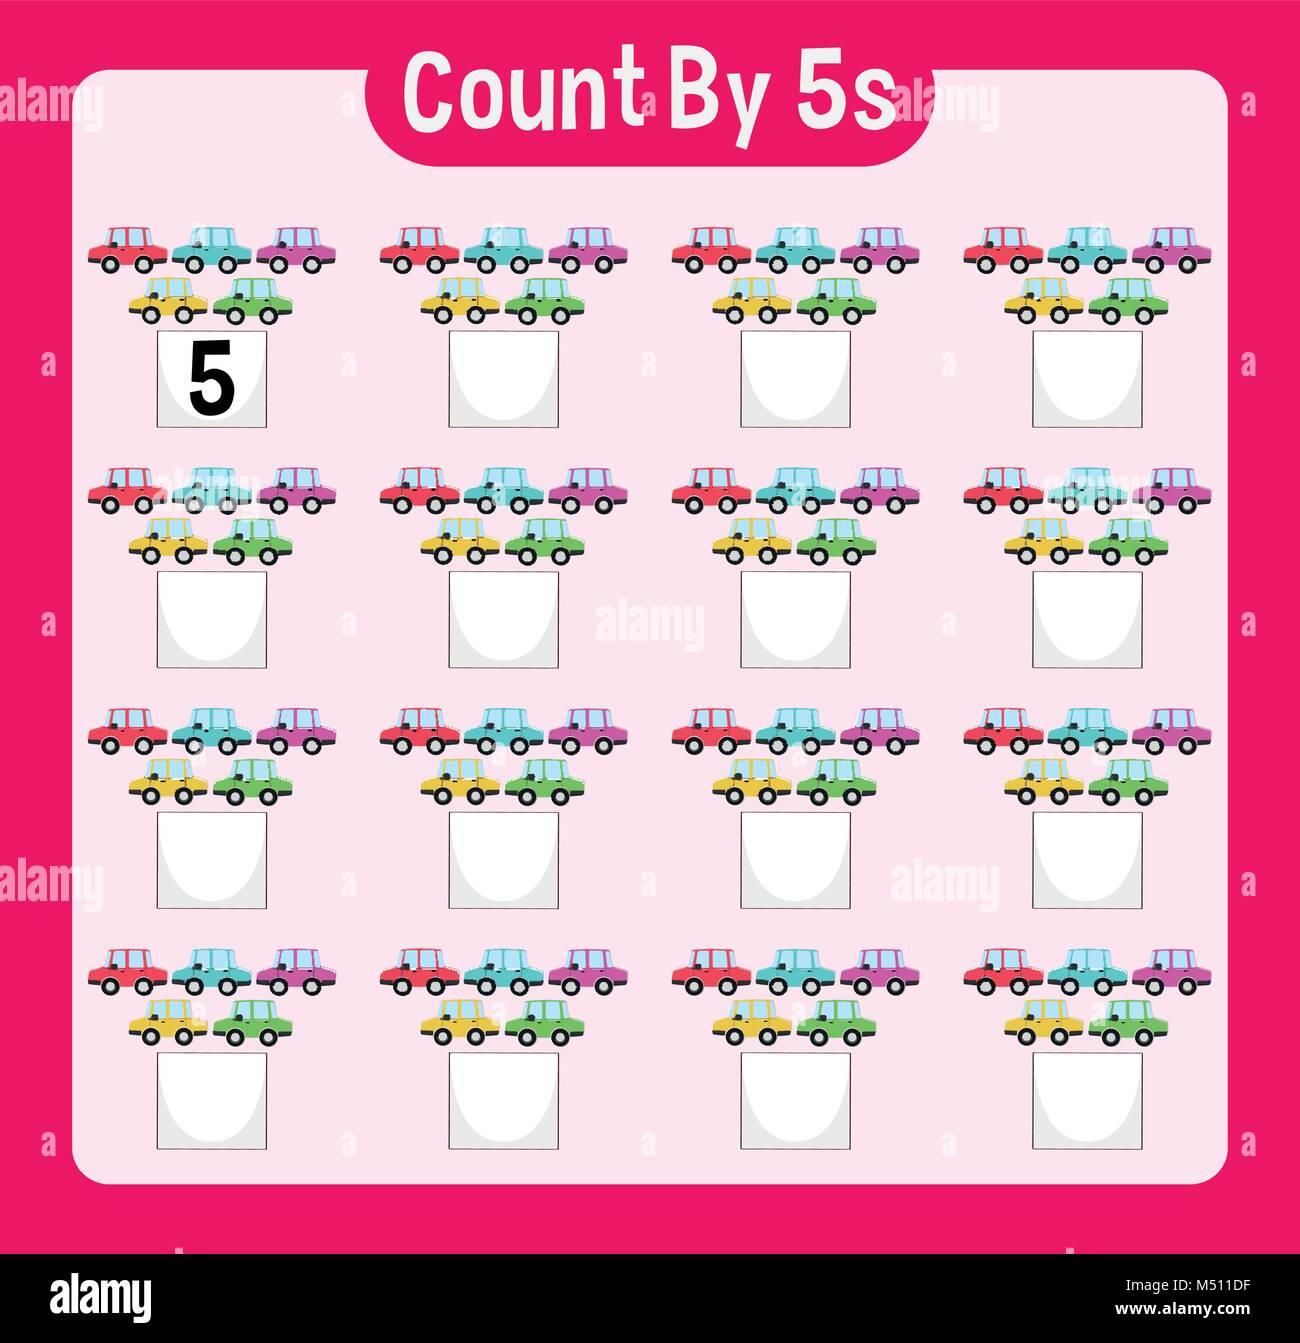 Countable Stockfotos & Countable Bilder - Seite 2 - Alamy